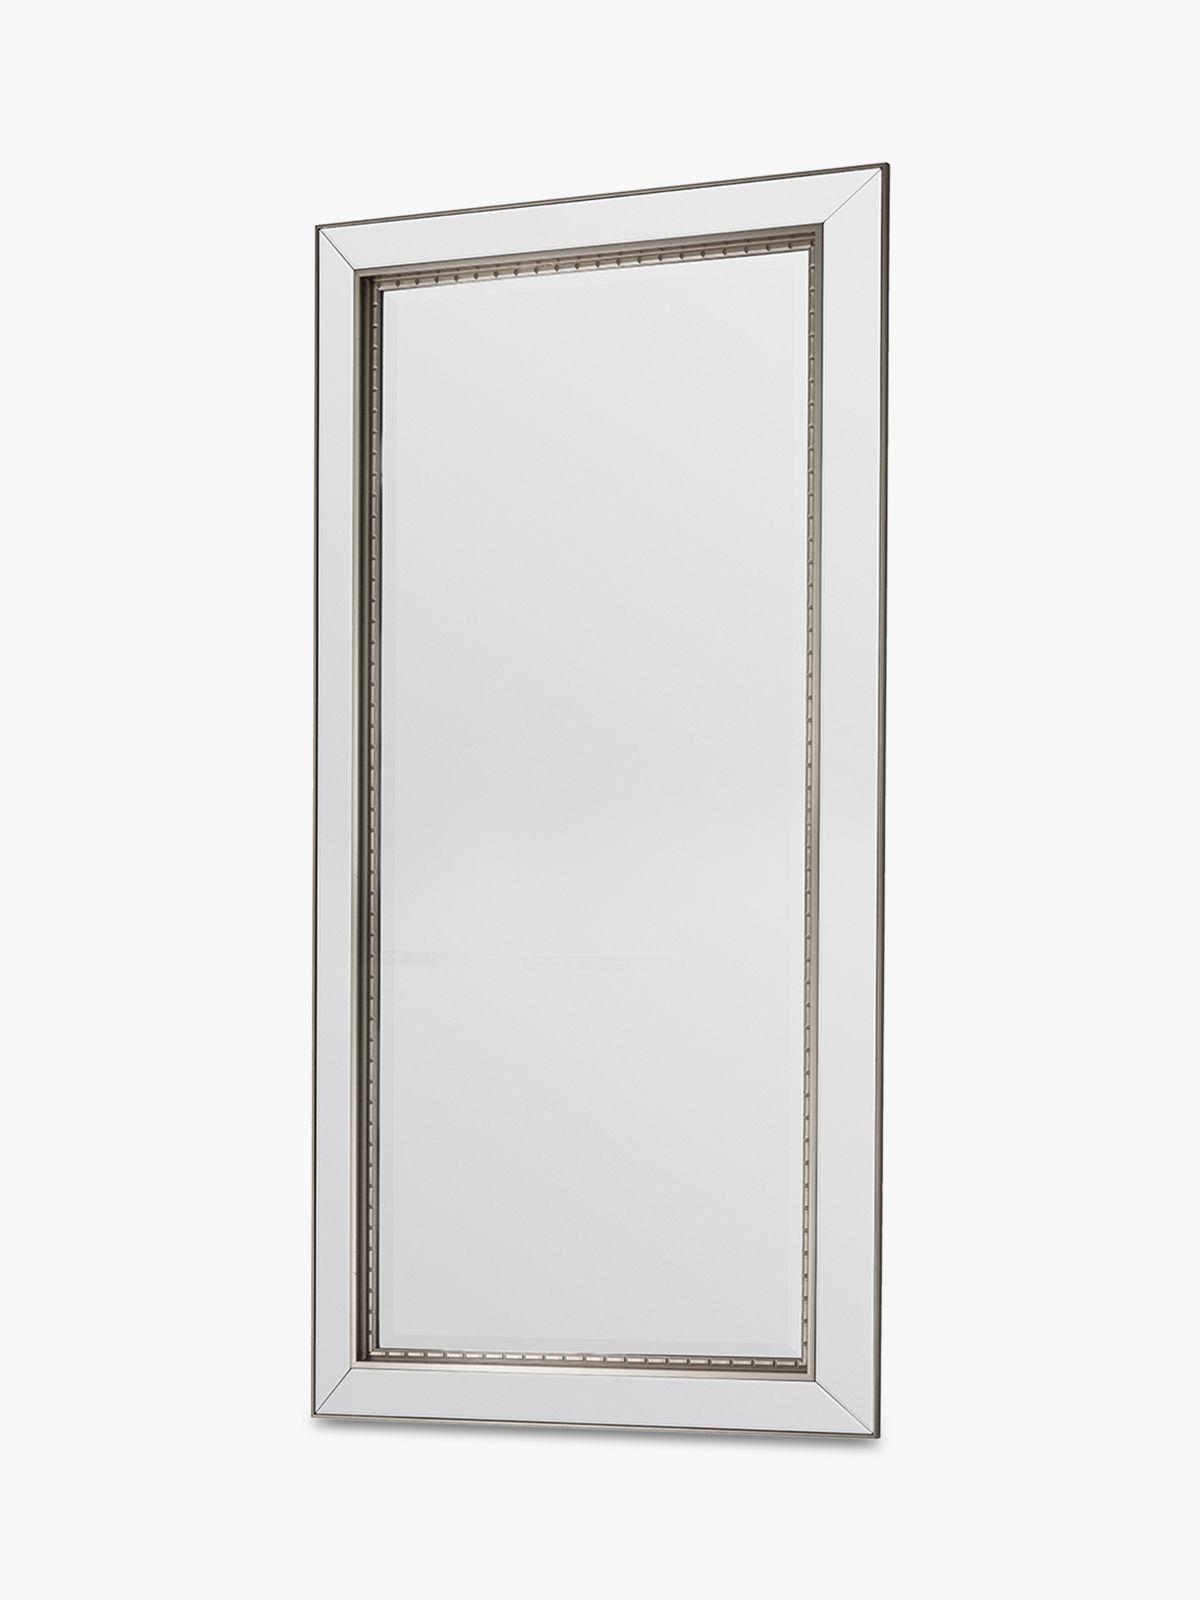 Fresno Rectangular Frame Leaner Mirror, 167.5 x 81cm, Gold